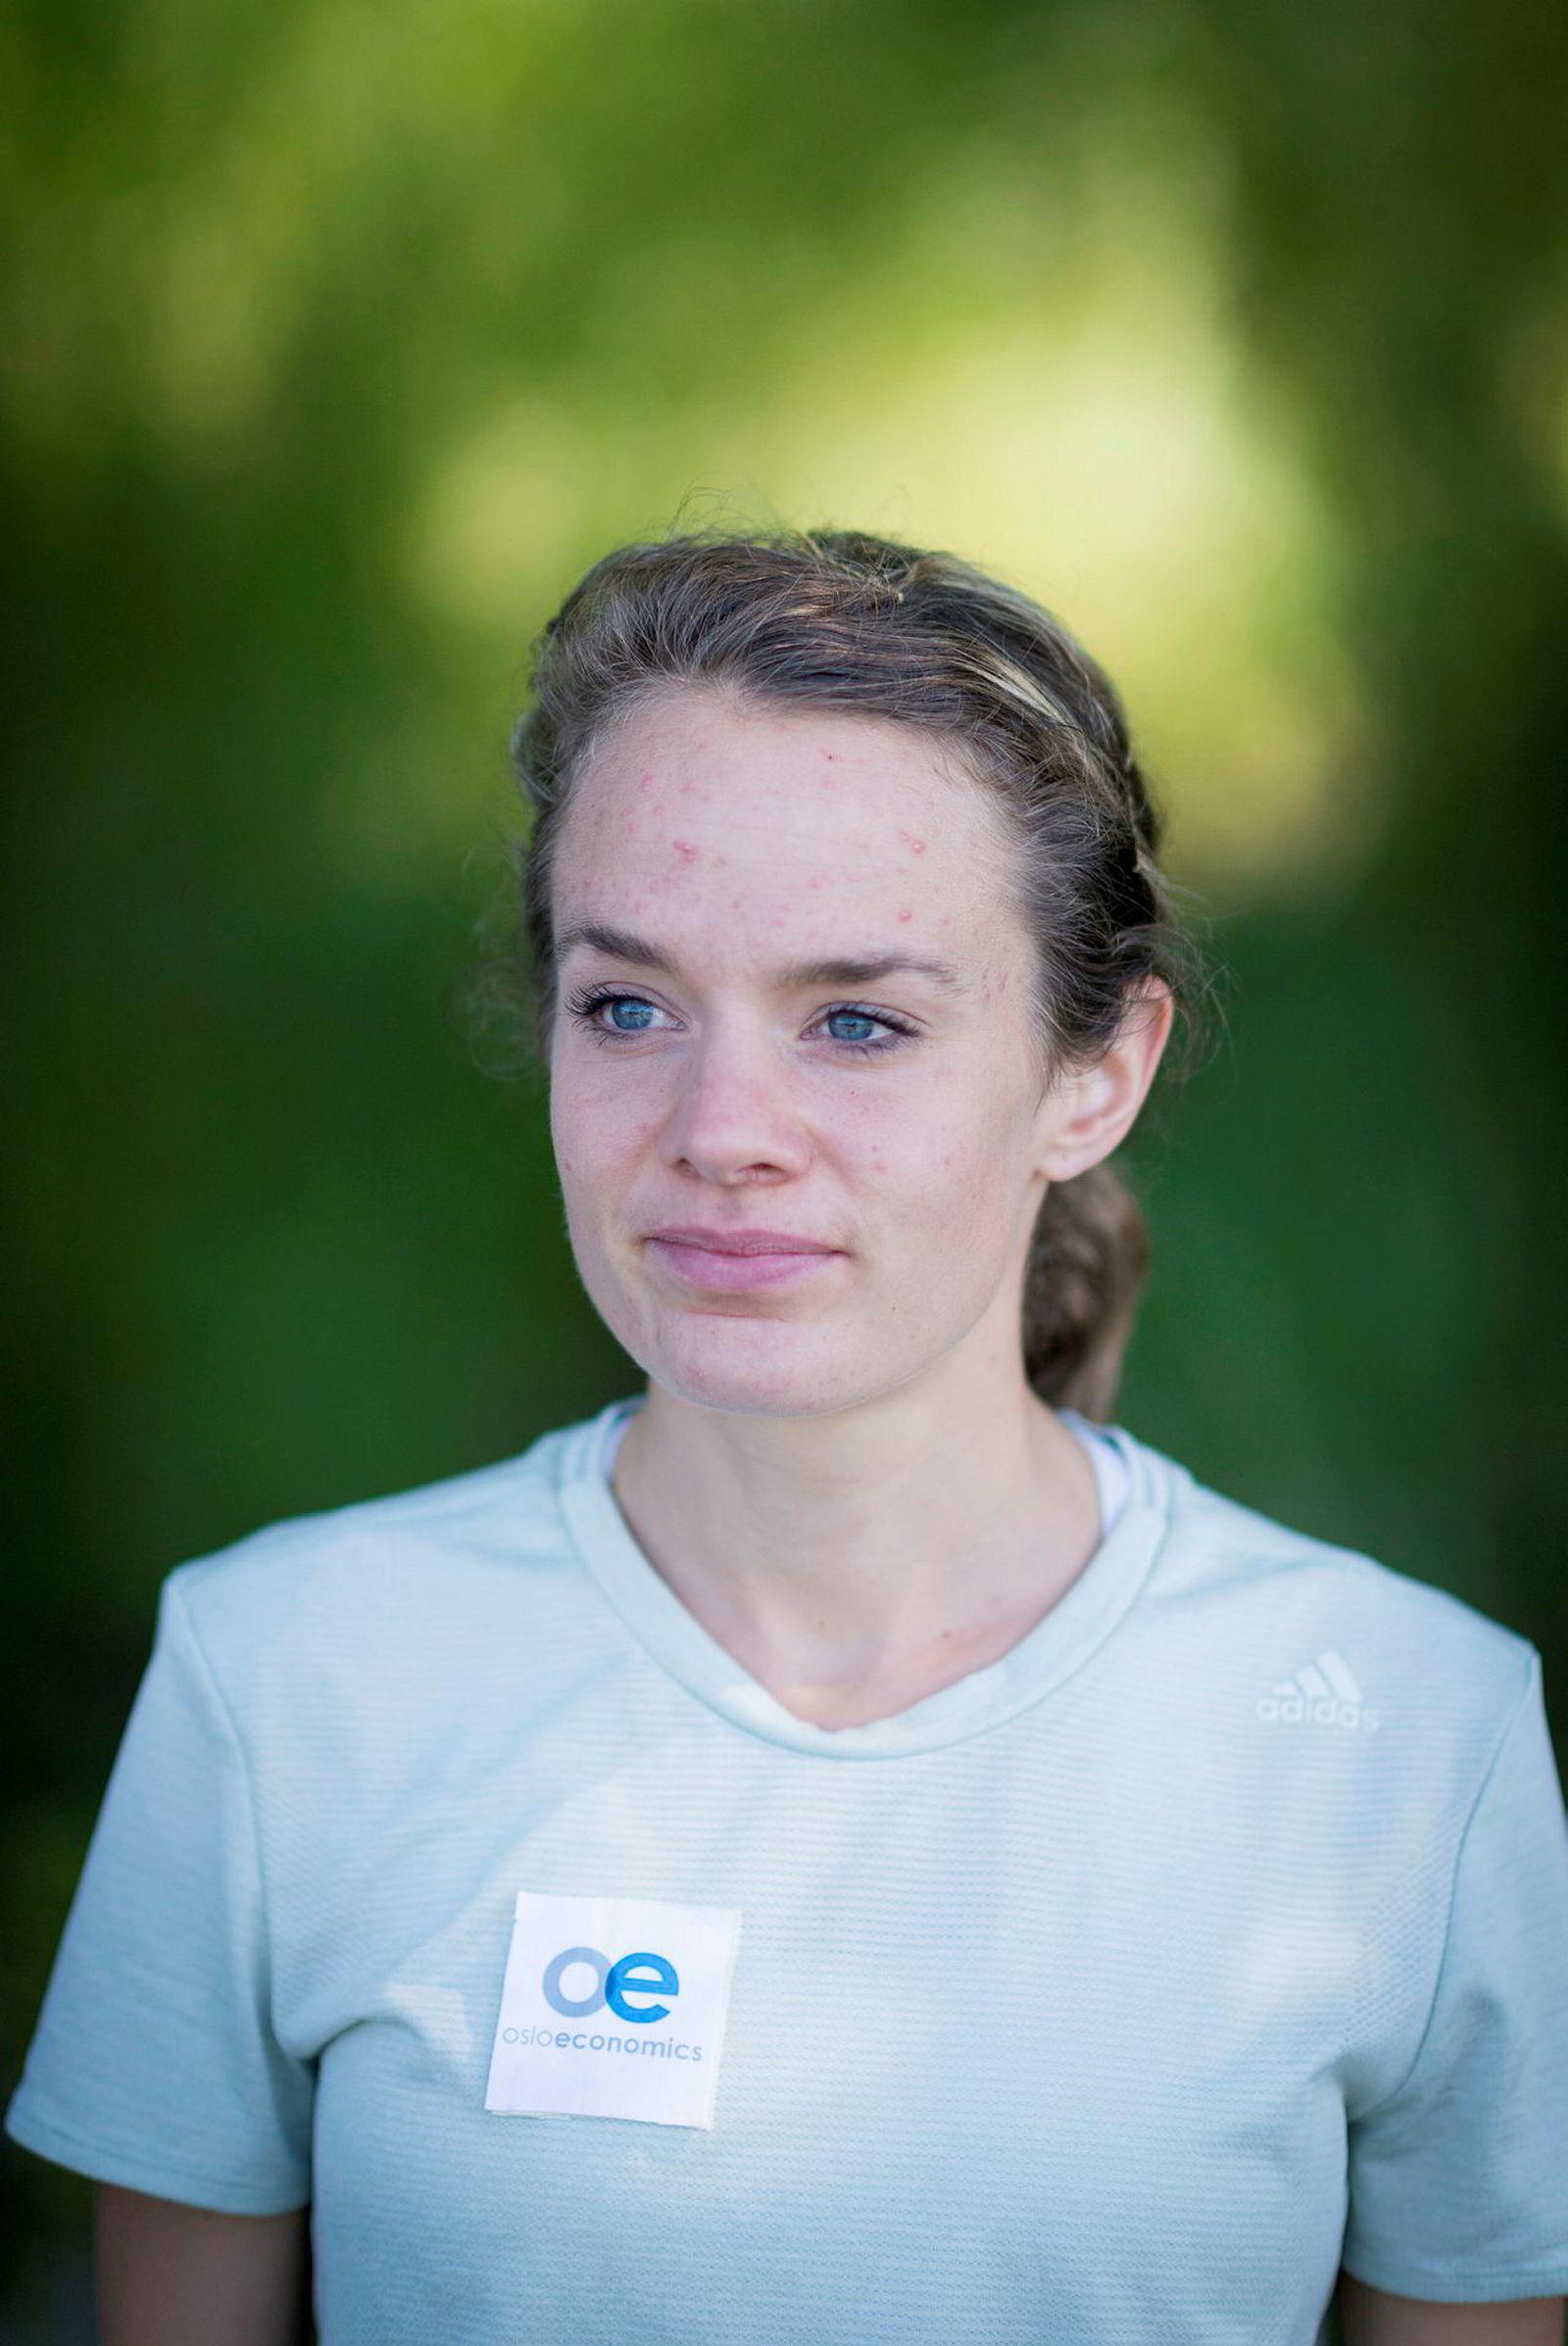 Nye mål. En dag skal Runa Skrove Falch løpe maraton på under to timer og 30 minutter. Kanskje skjer det allerede nå i høst.